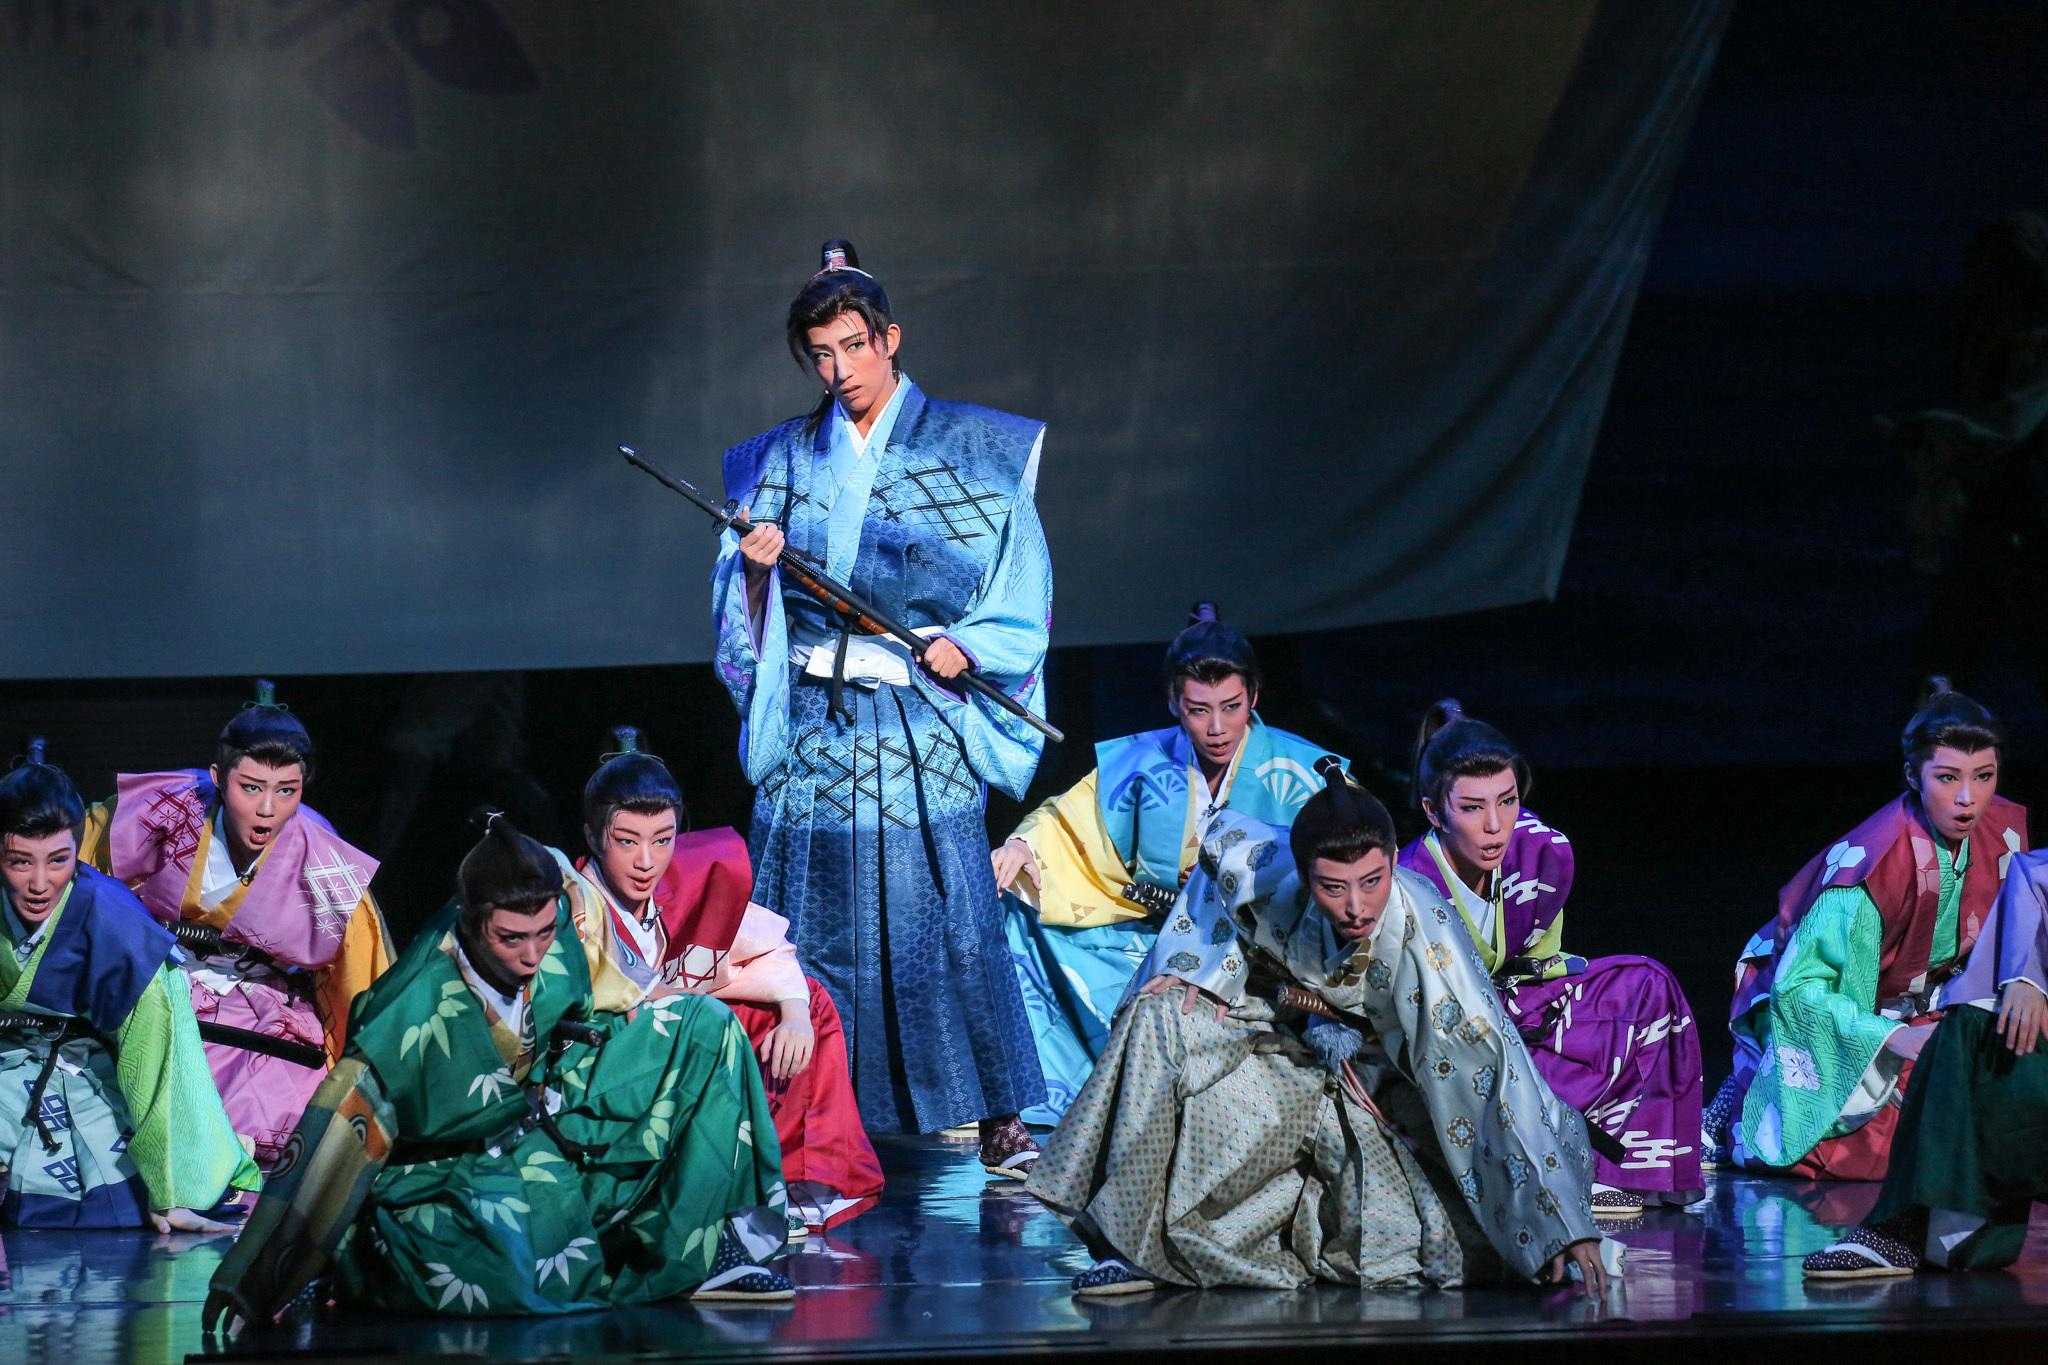 宝塚ミュージカル・ロマン 『El Japón(エル ハポン) −イスパニアのサムライ−』